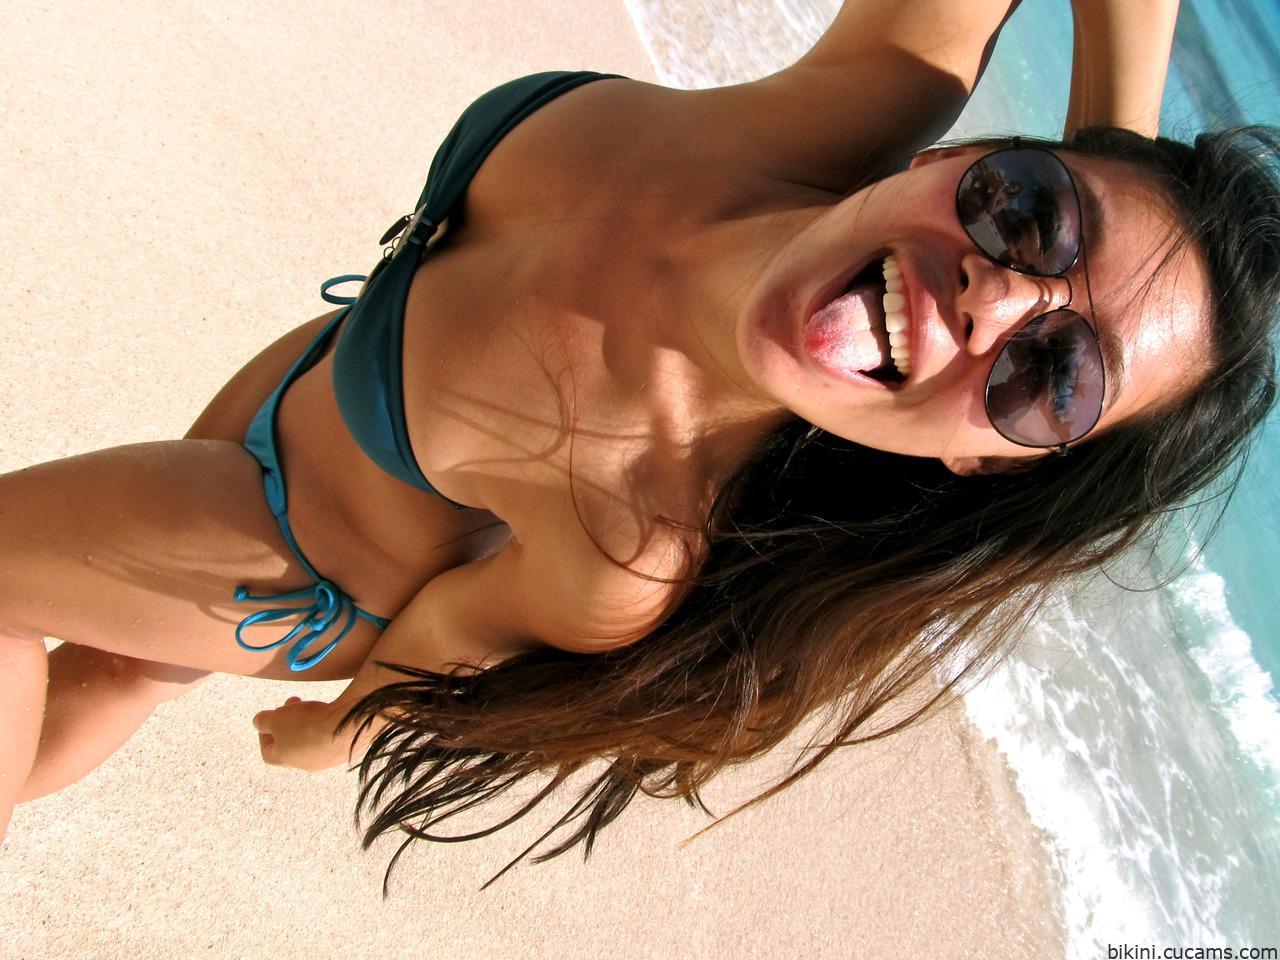 Bikini Weird Massage by bikini.cucams.com